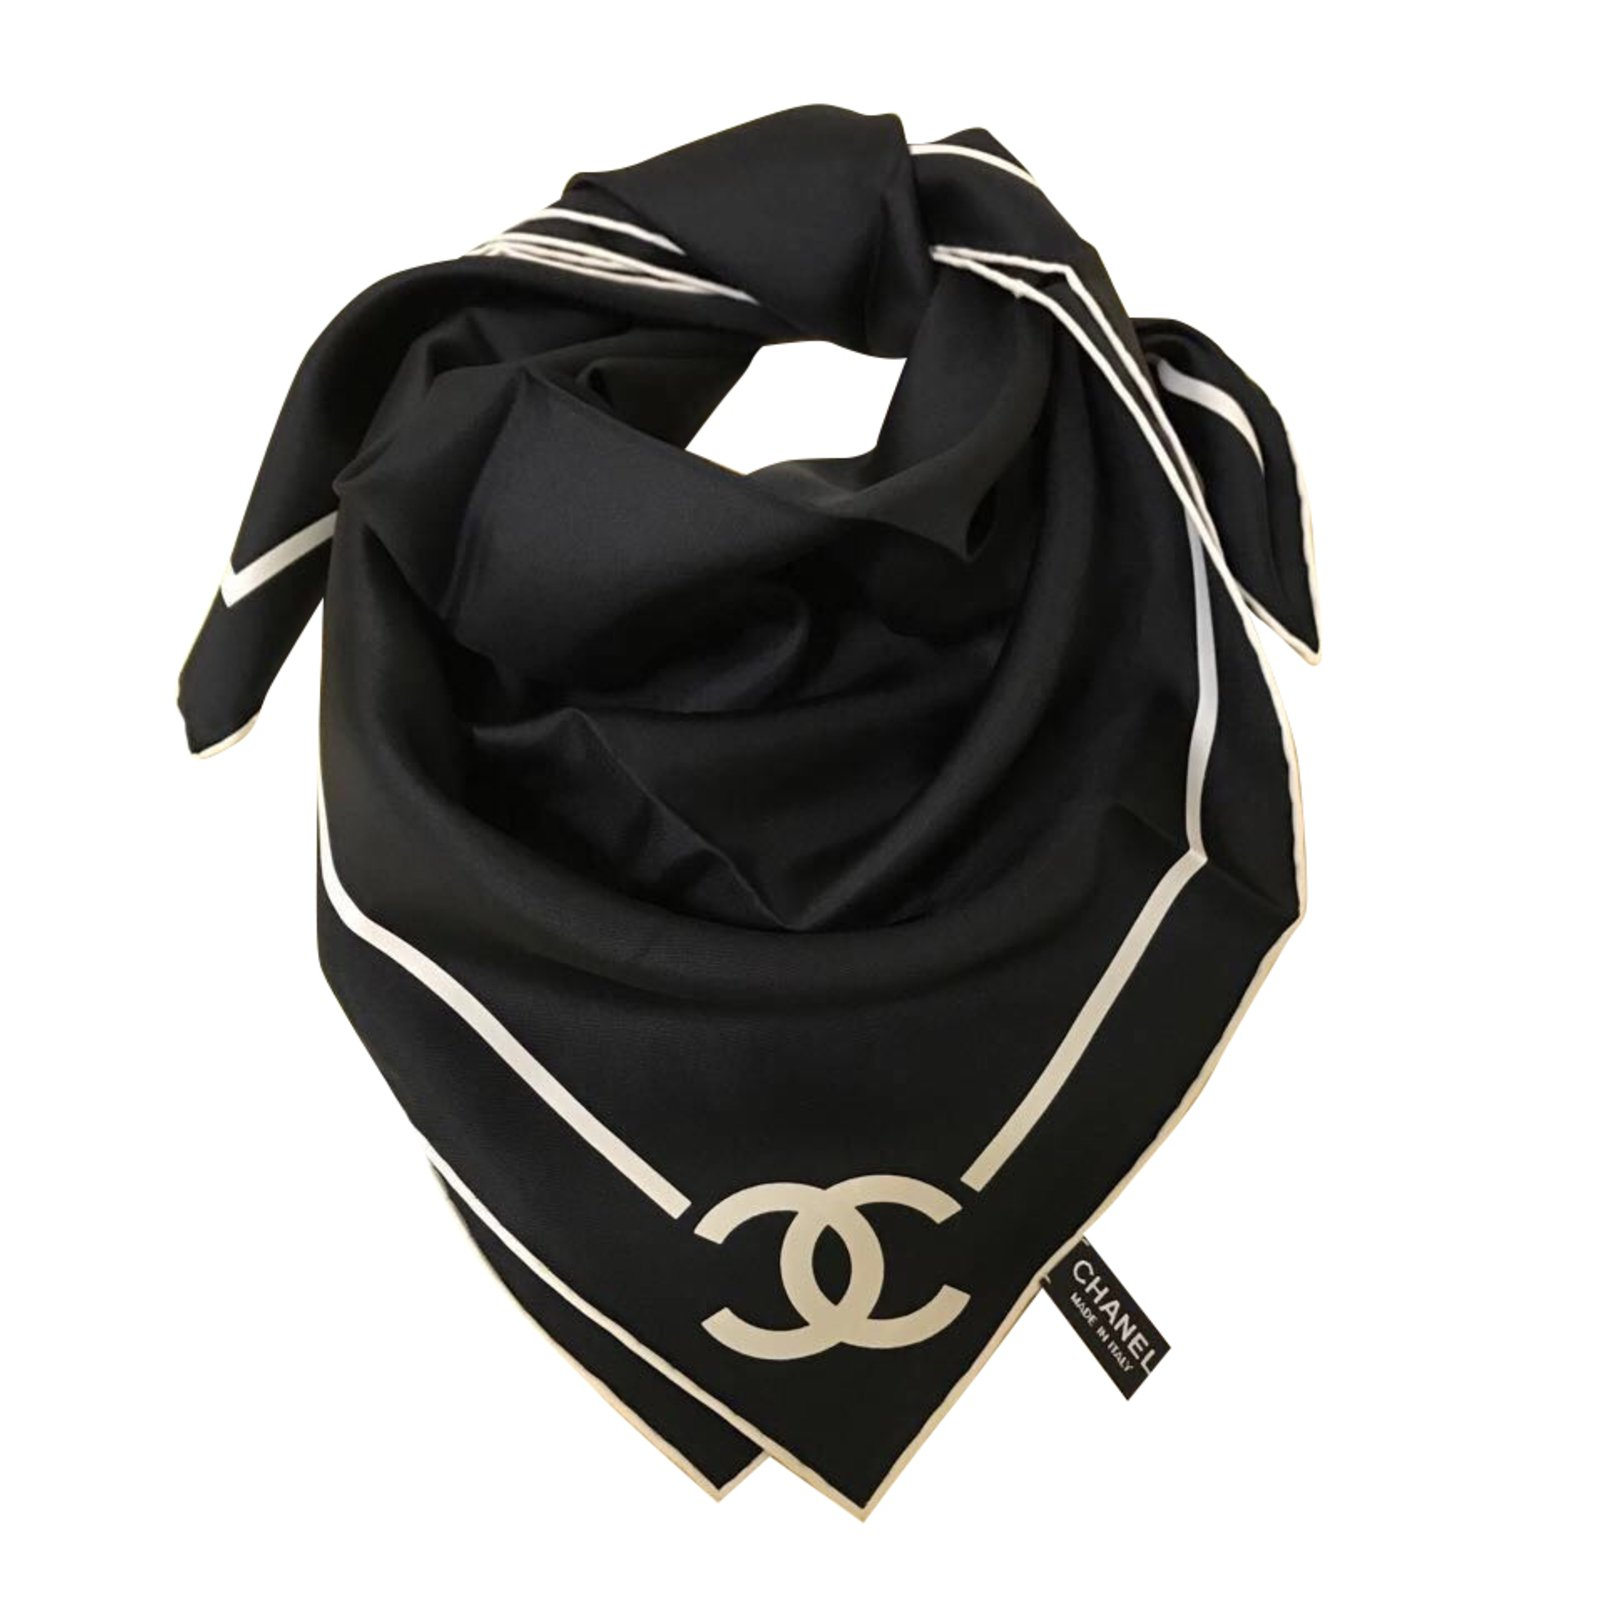 dfc9738a Chanel Scarf Scarves Silk Black ref.41515 - Joli Closet